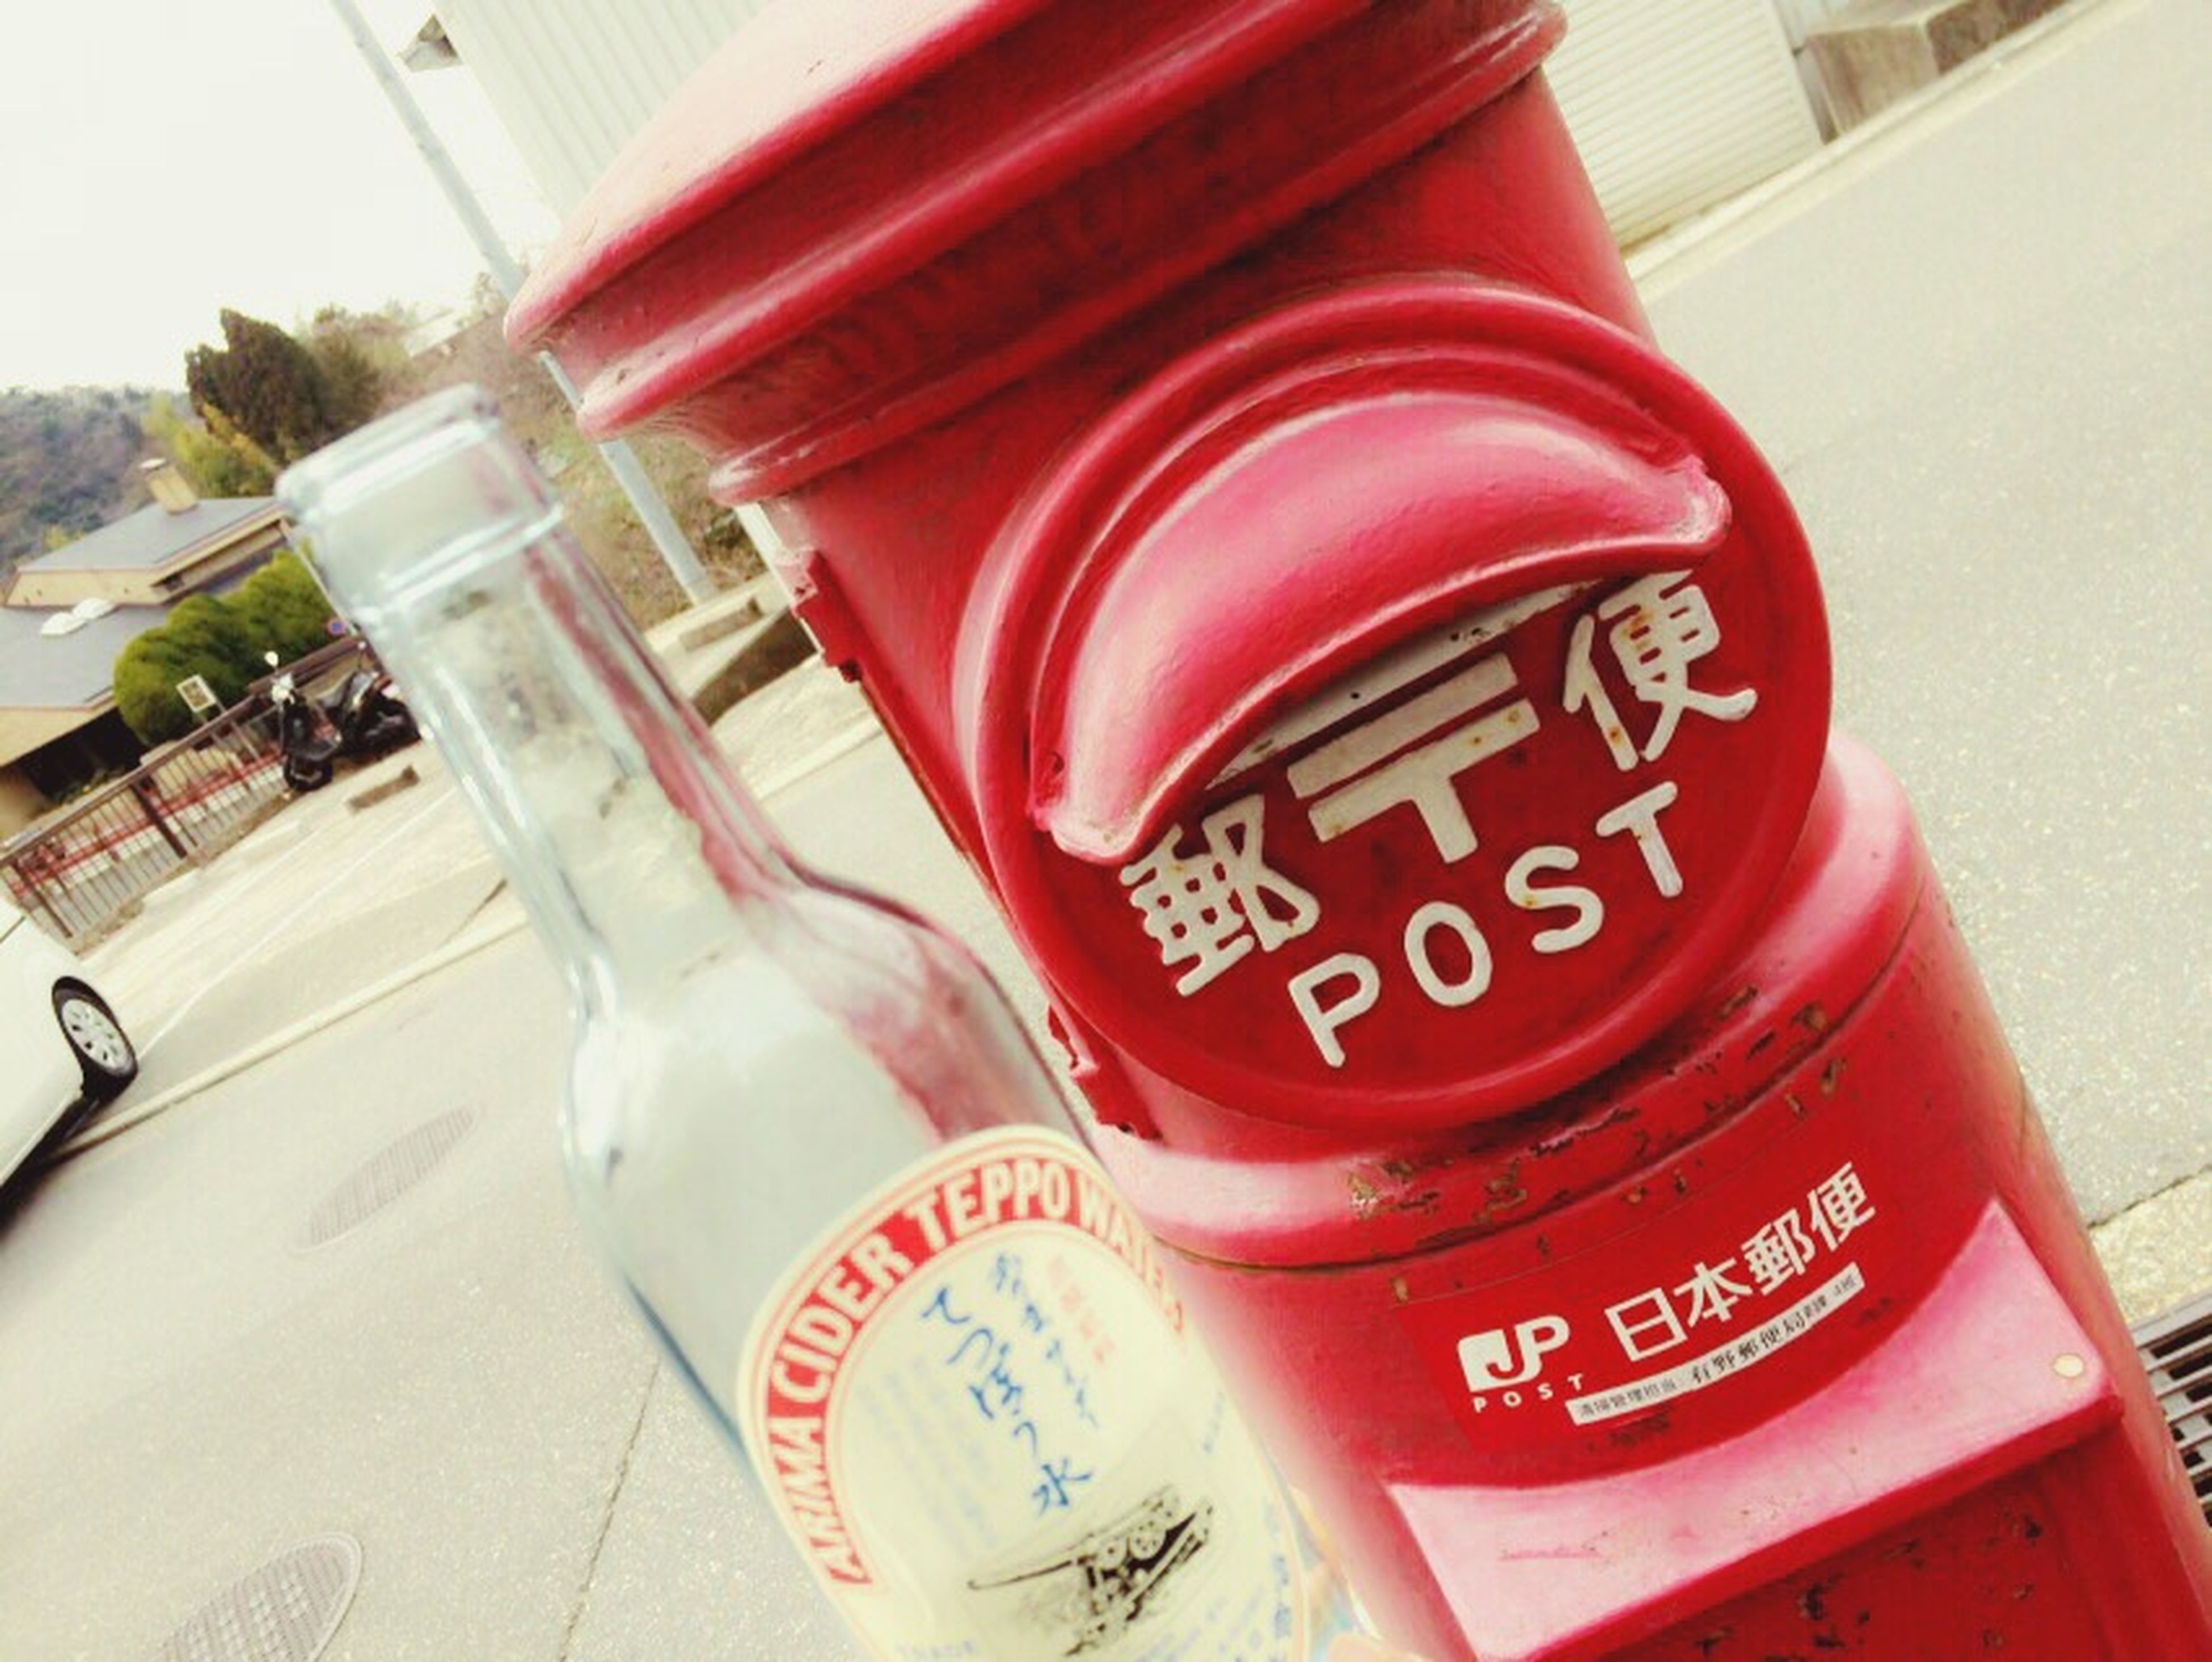 有馬温泉♨︎ 有馬温泉 赤ポスト てっぽう水 Holiday Happy Arima Hyogo Japan Hotspring Post